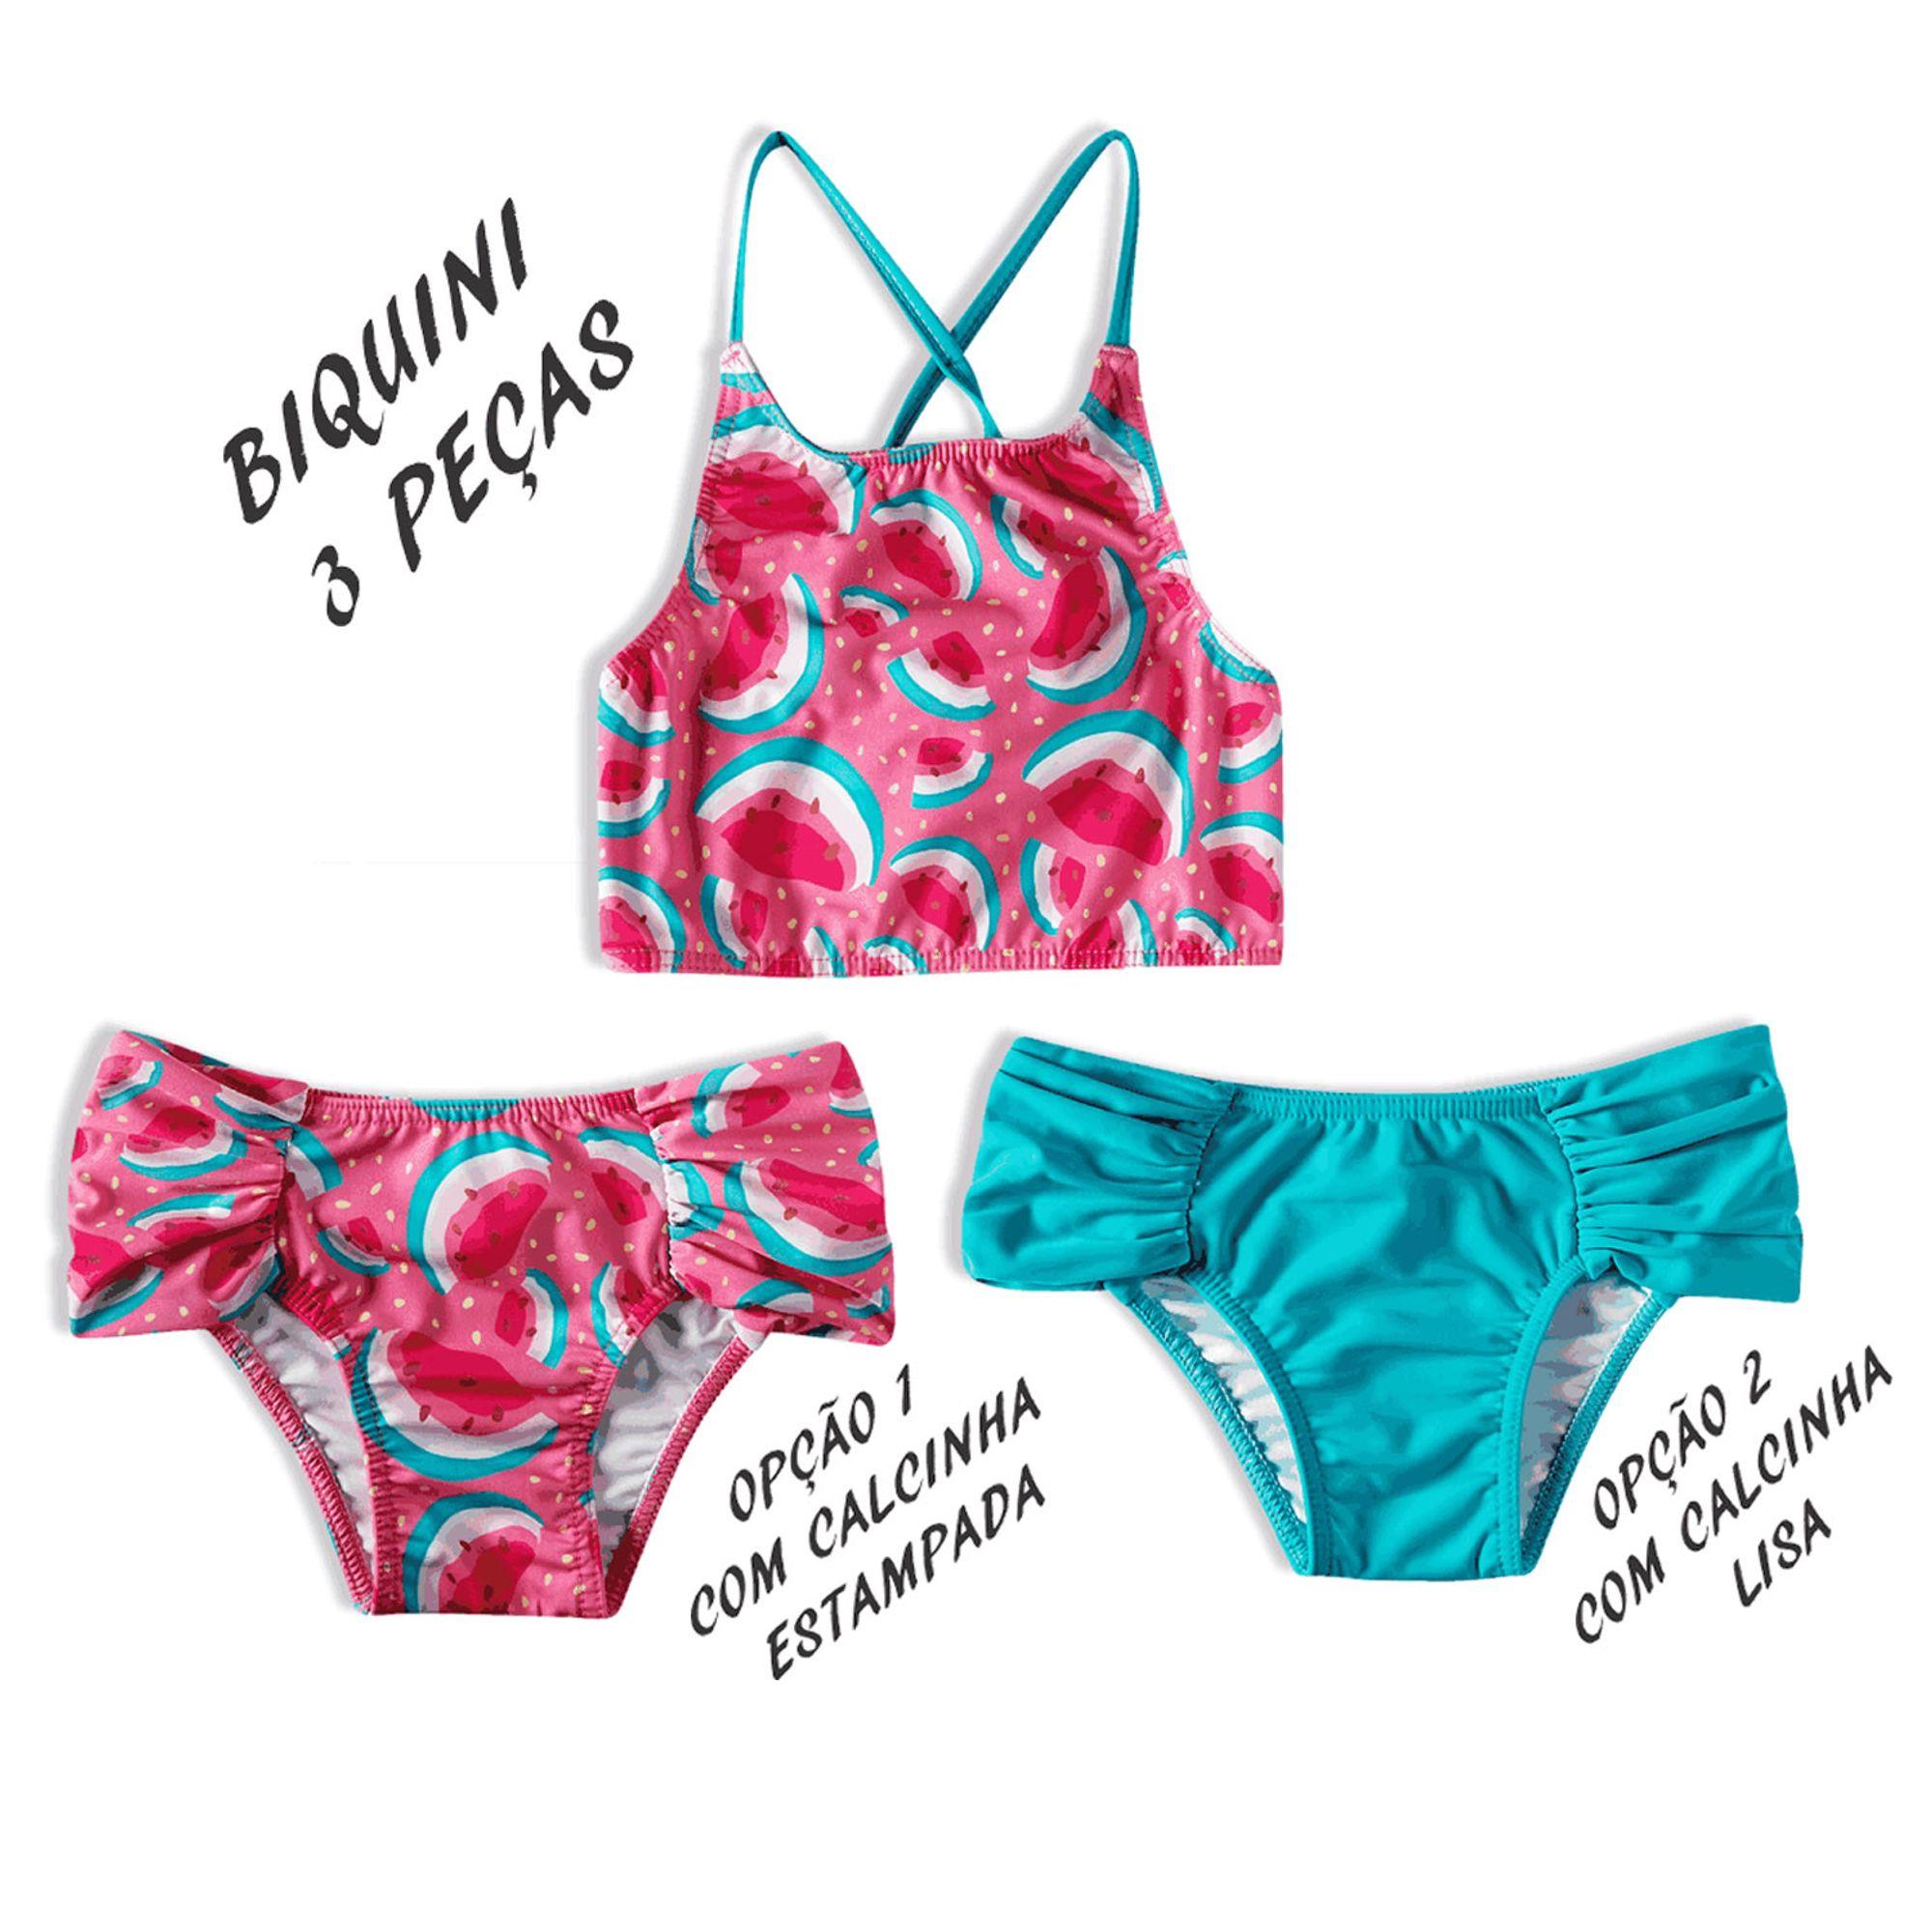 biquini-infantil-melancia-rosa-2-calcinhas-tip-top-frente